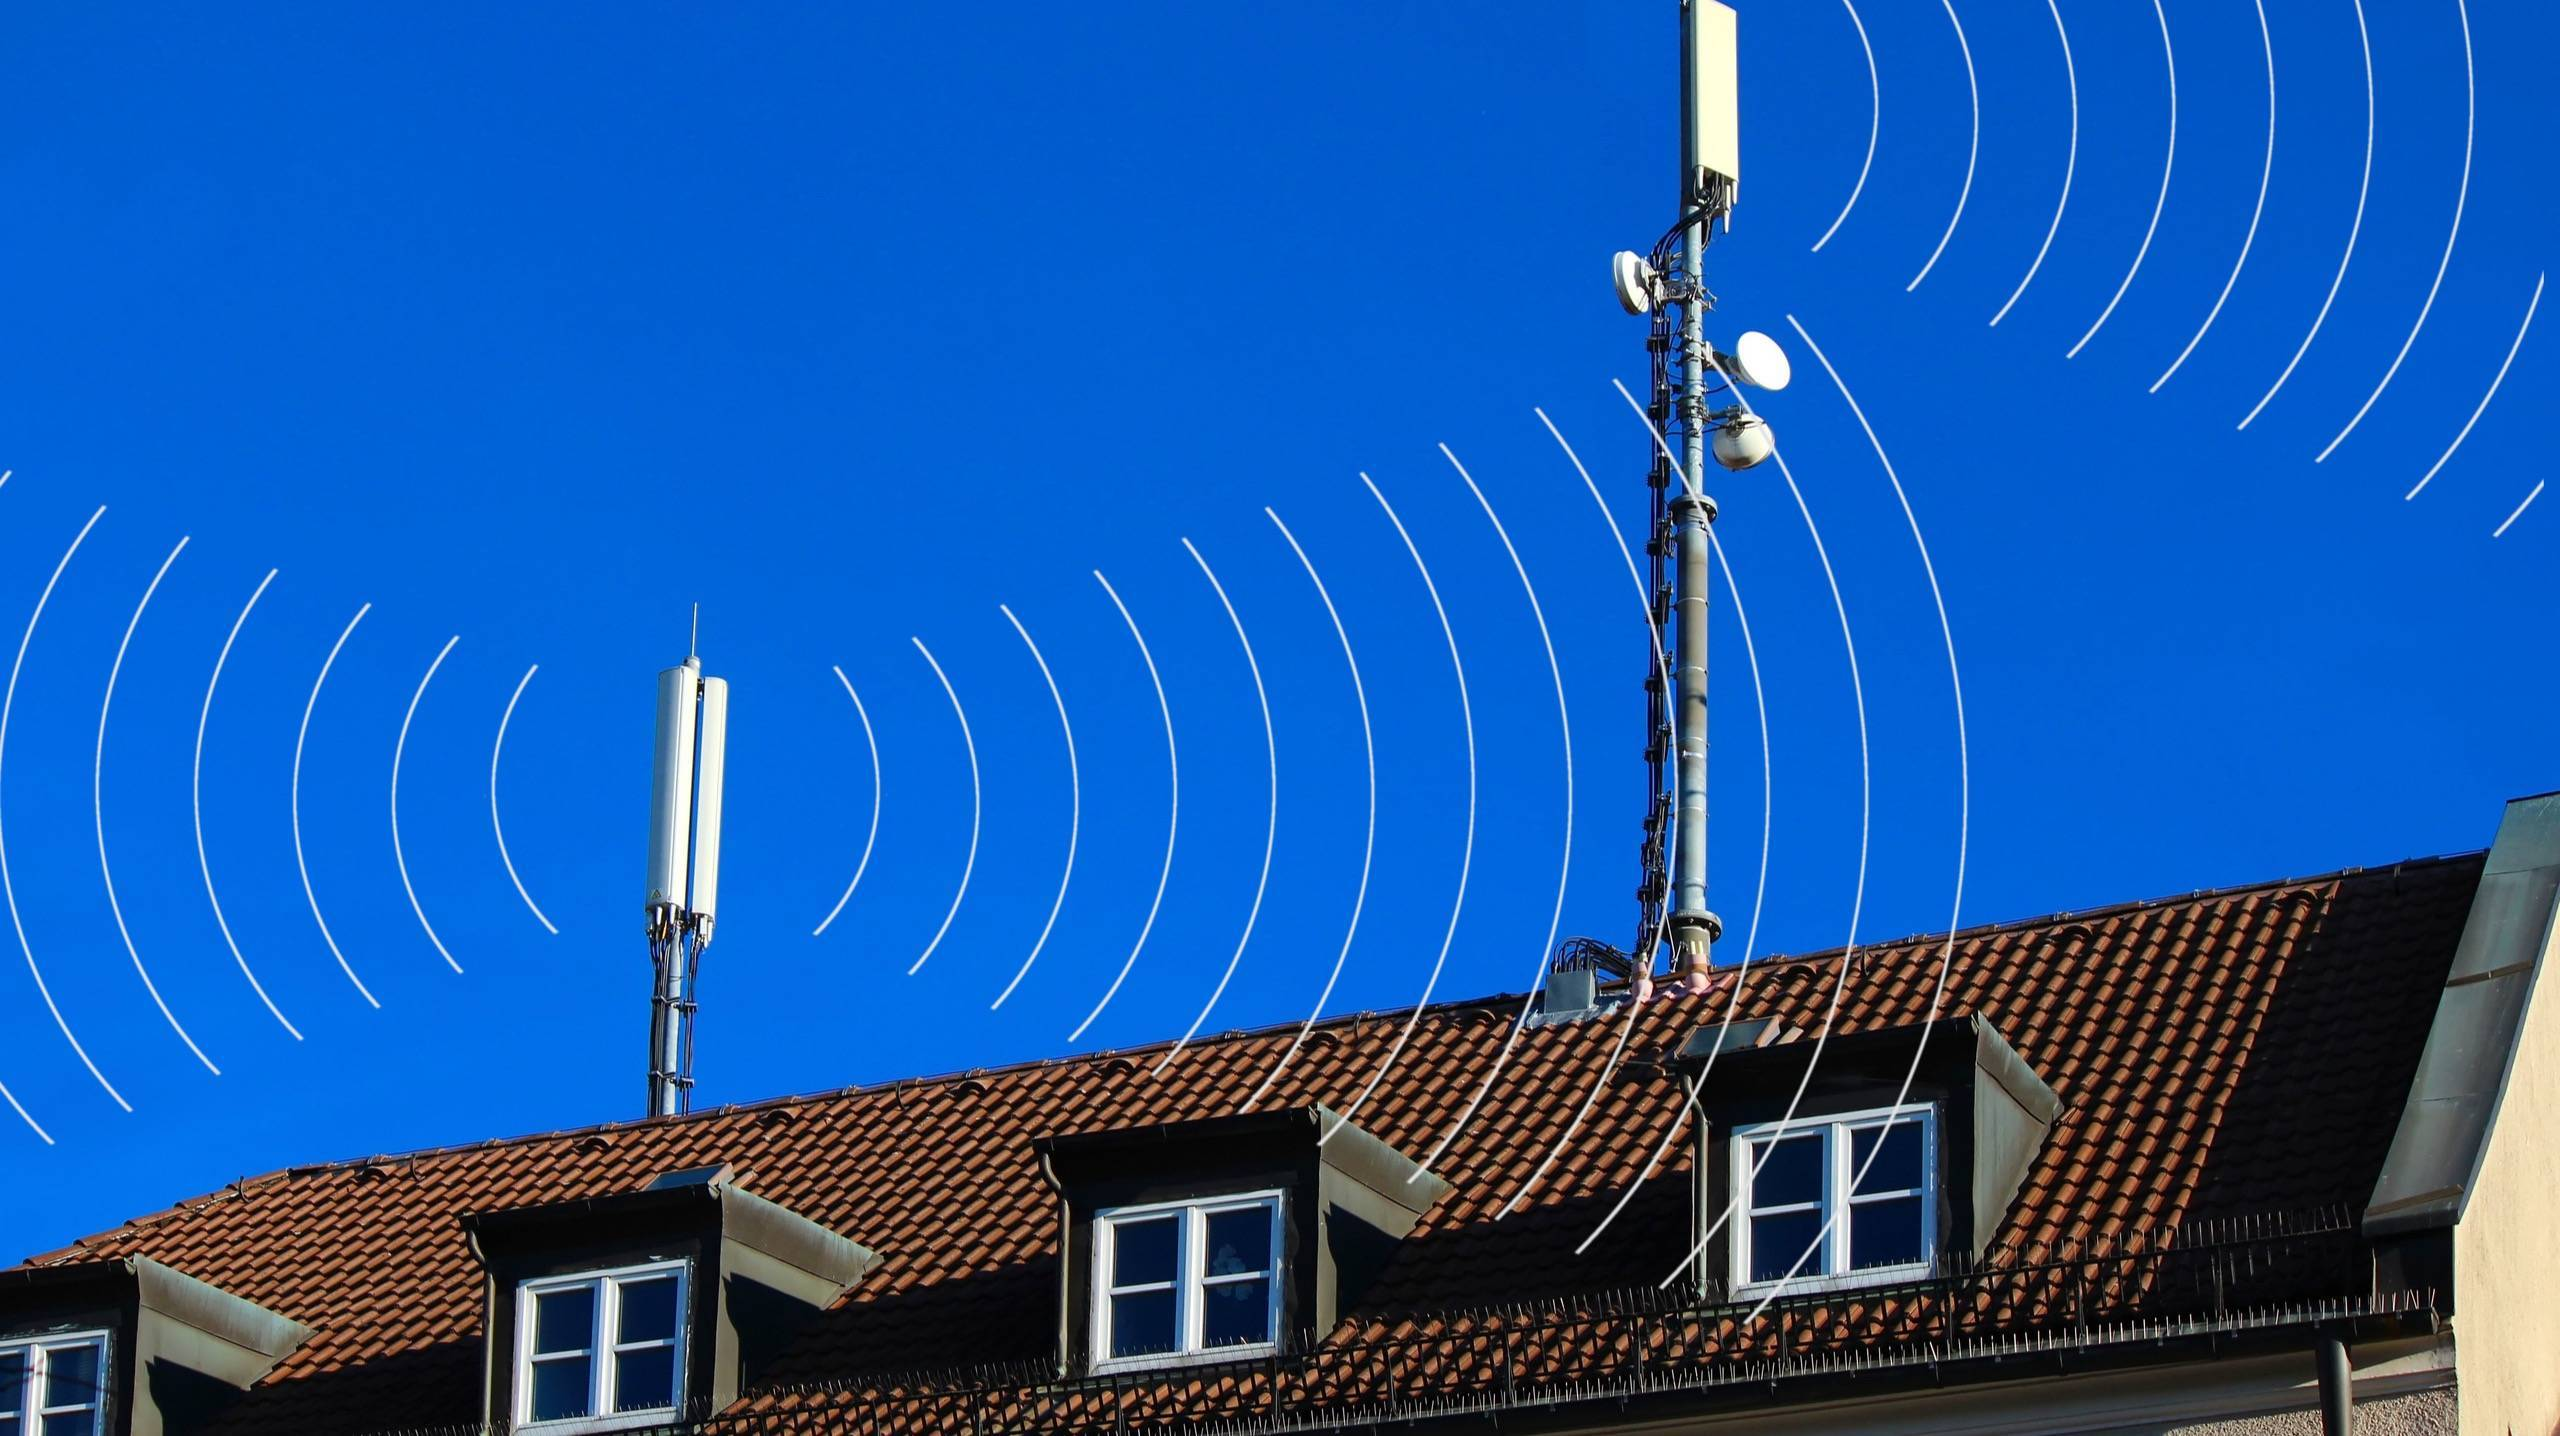 原来5G网速这么快,辐射肯定很大!